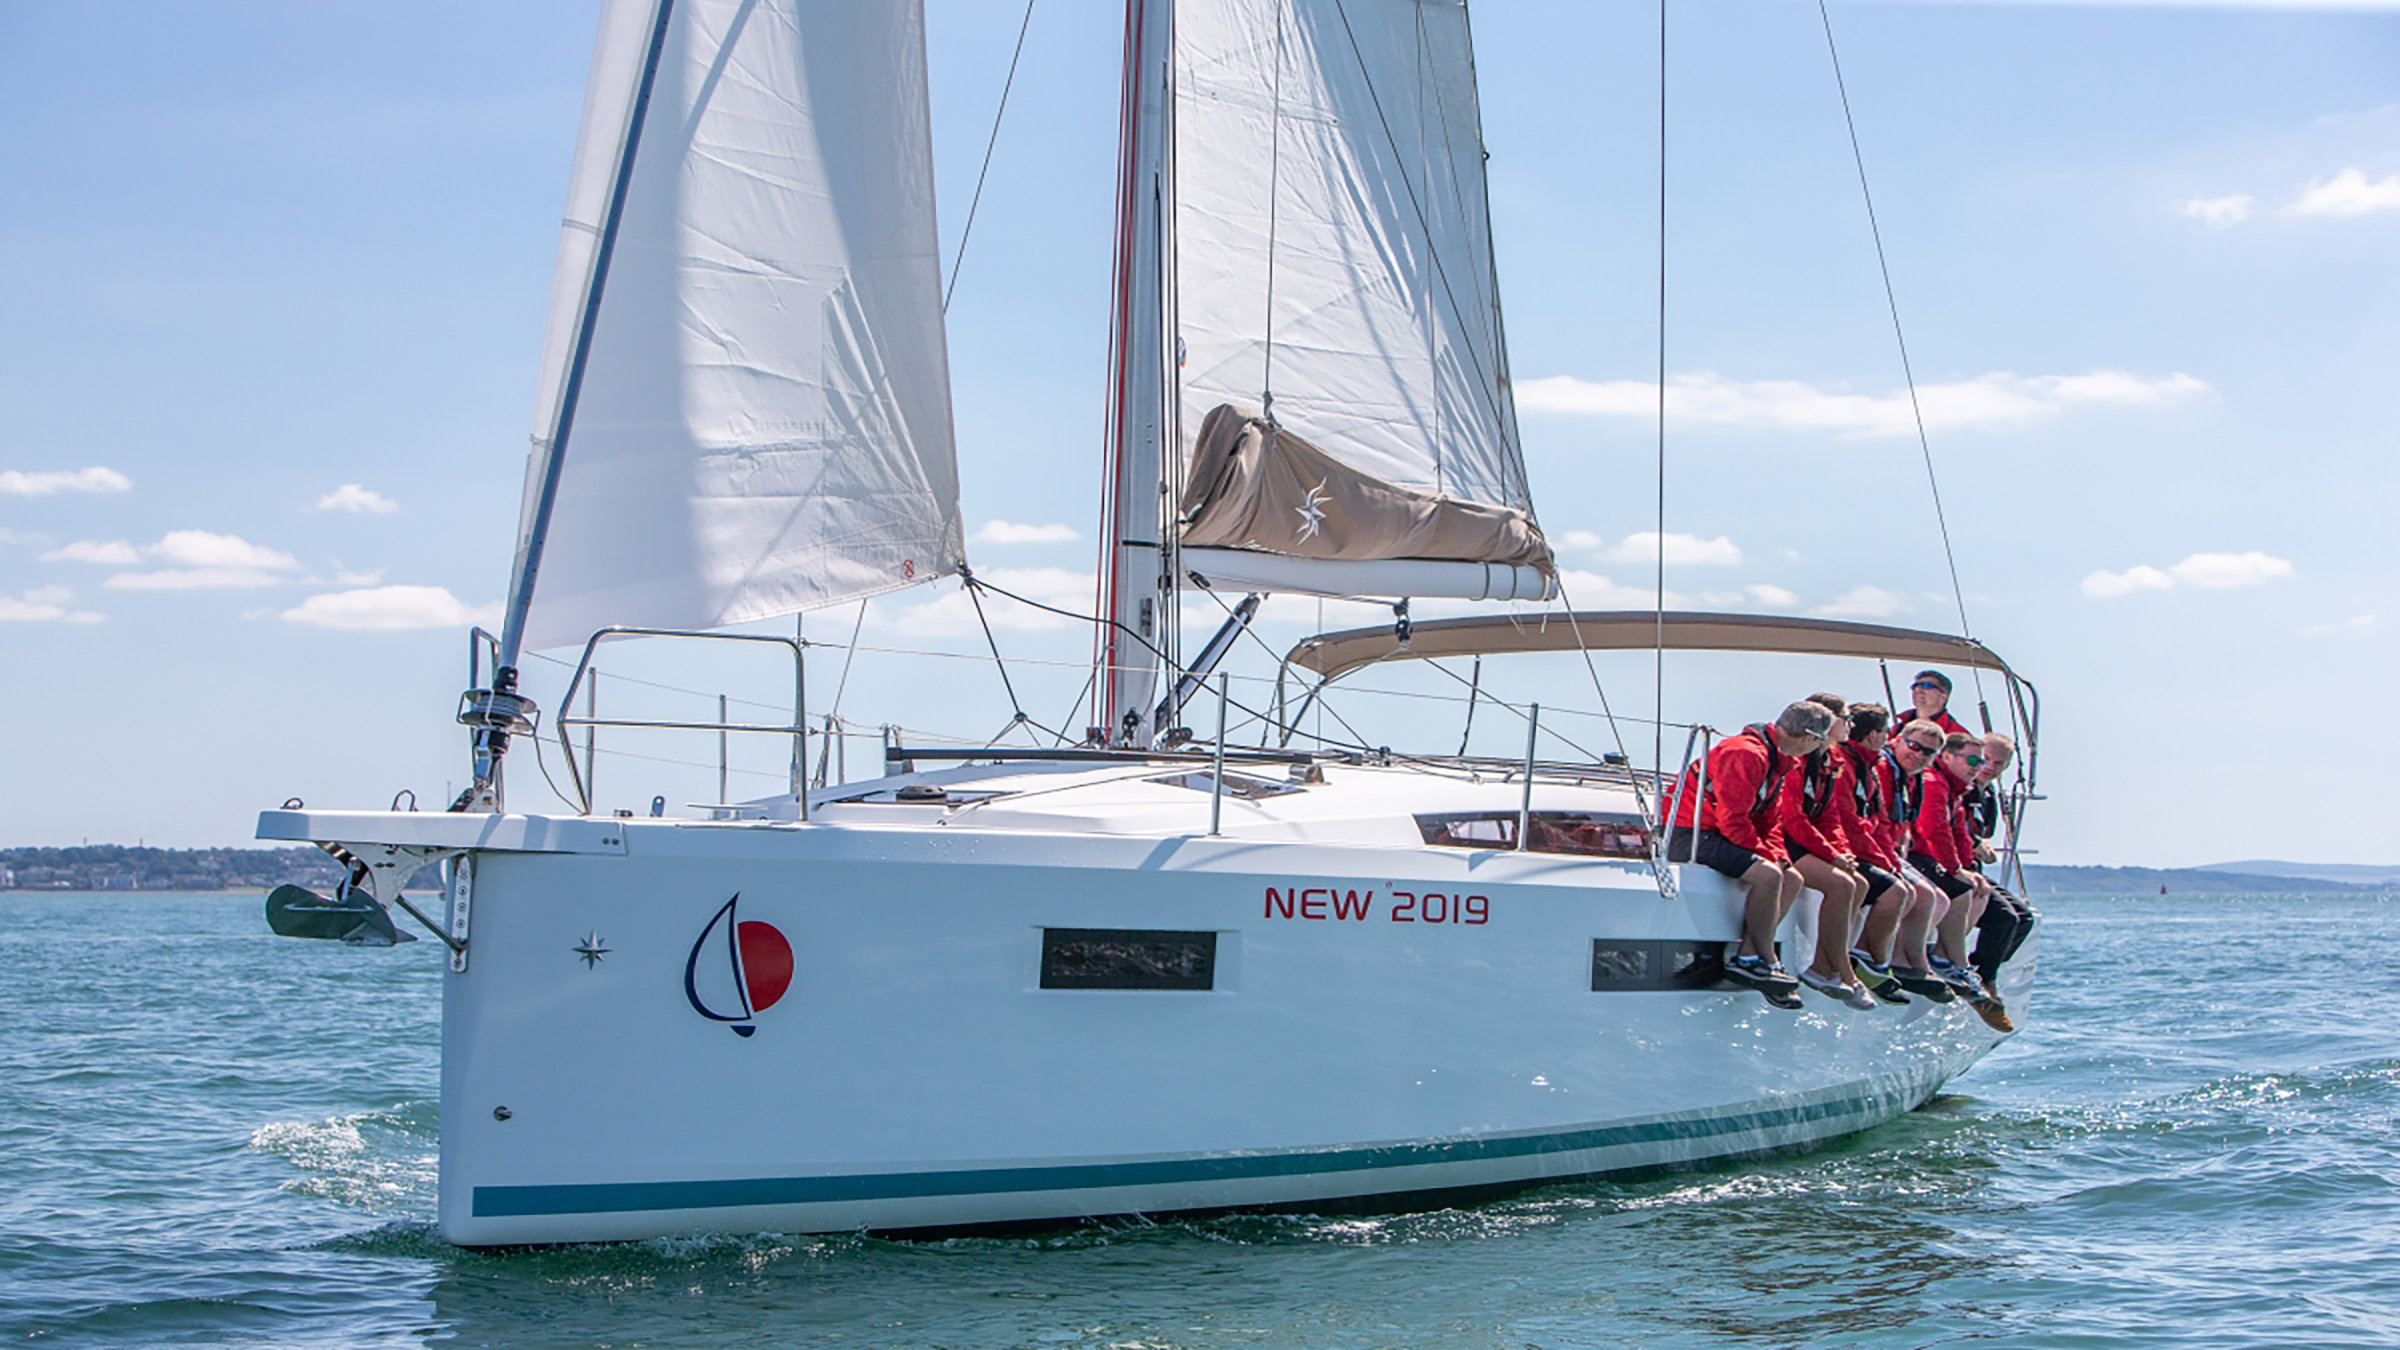 Sailors sitting on Sunsail 41.0